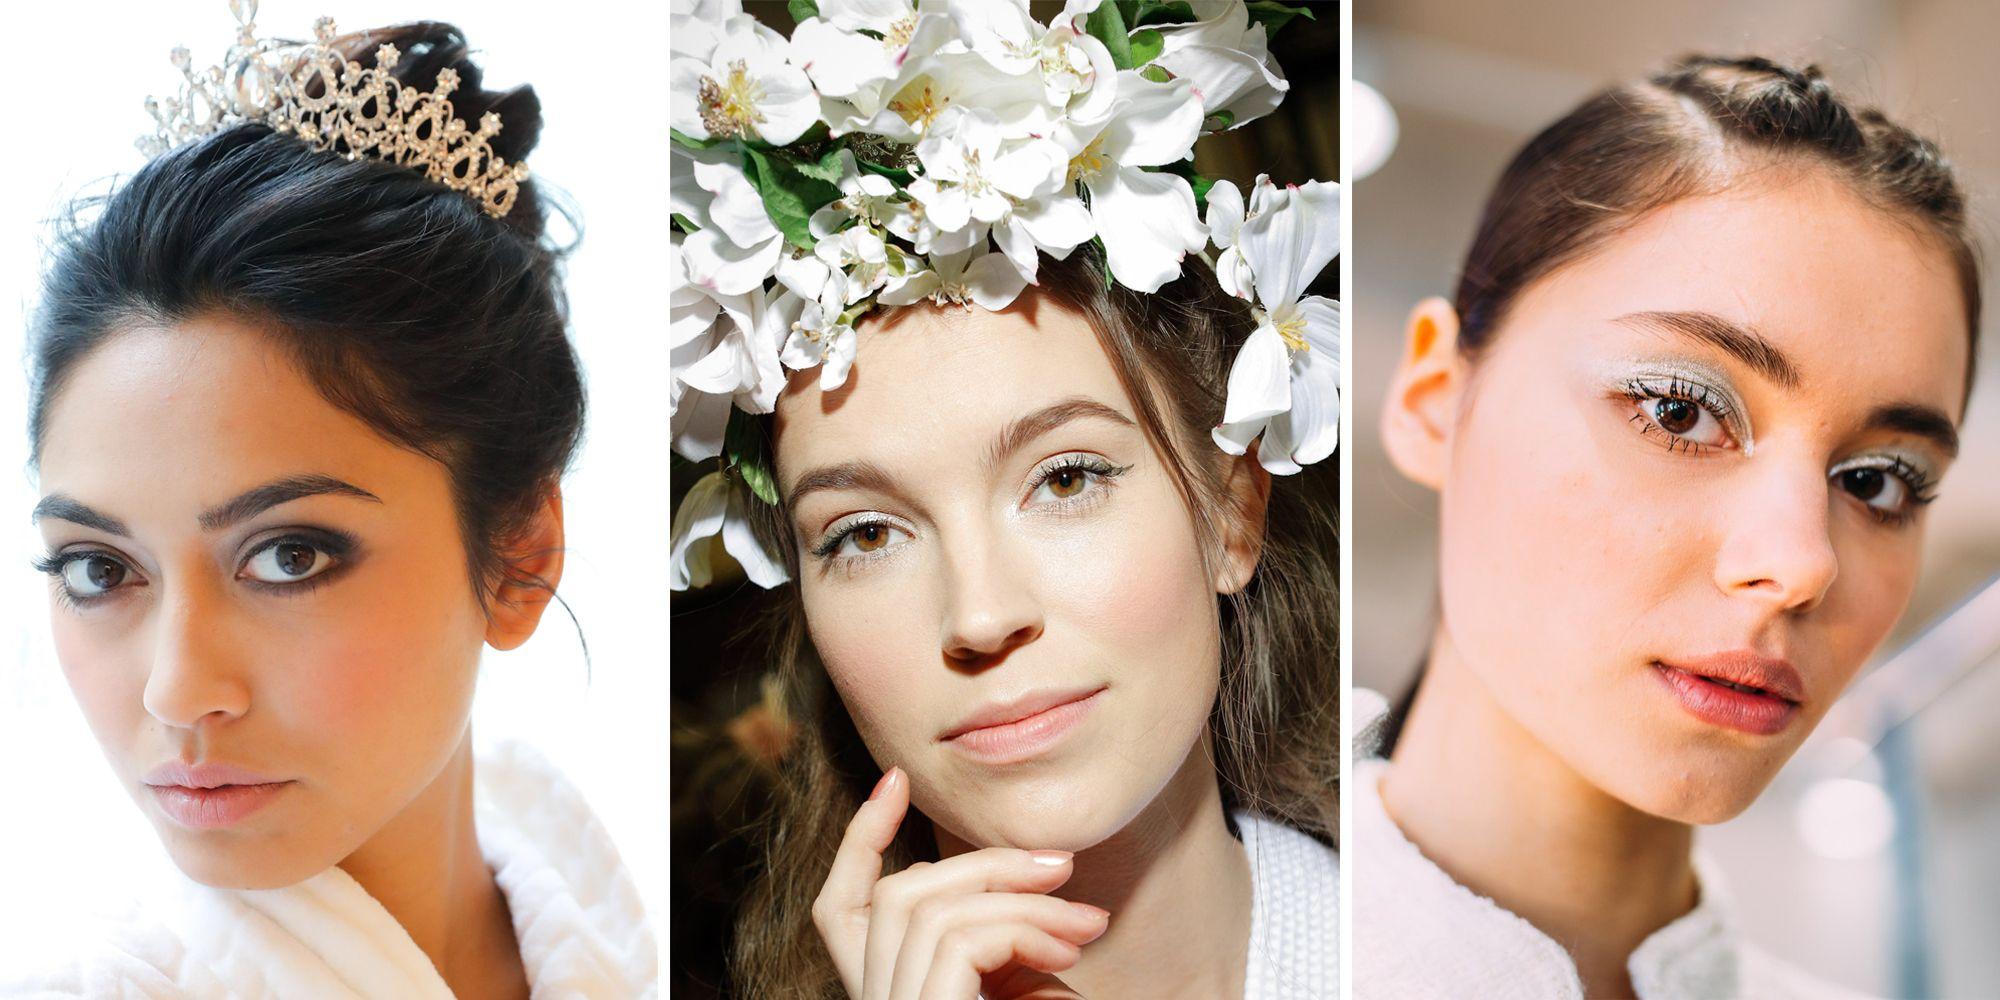 Bridal Fashion Week Hair And Makeup 2019